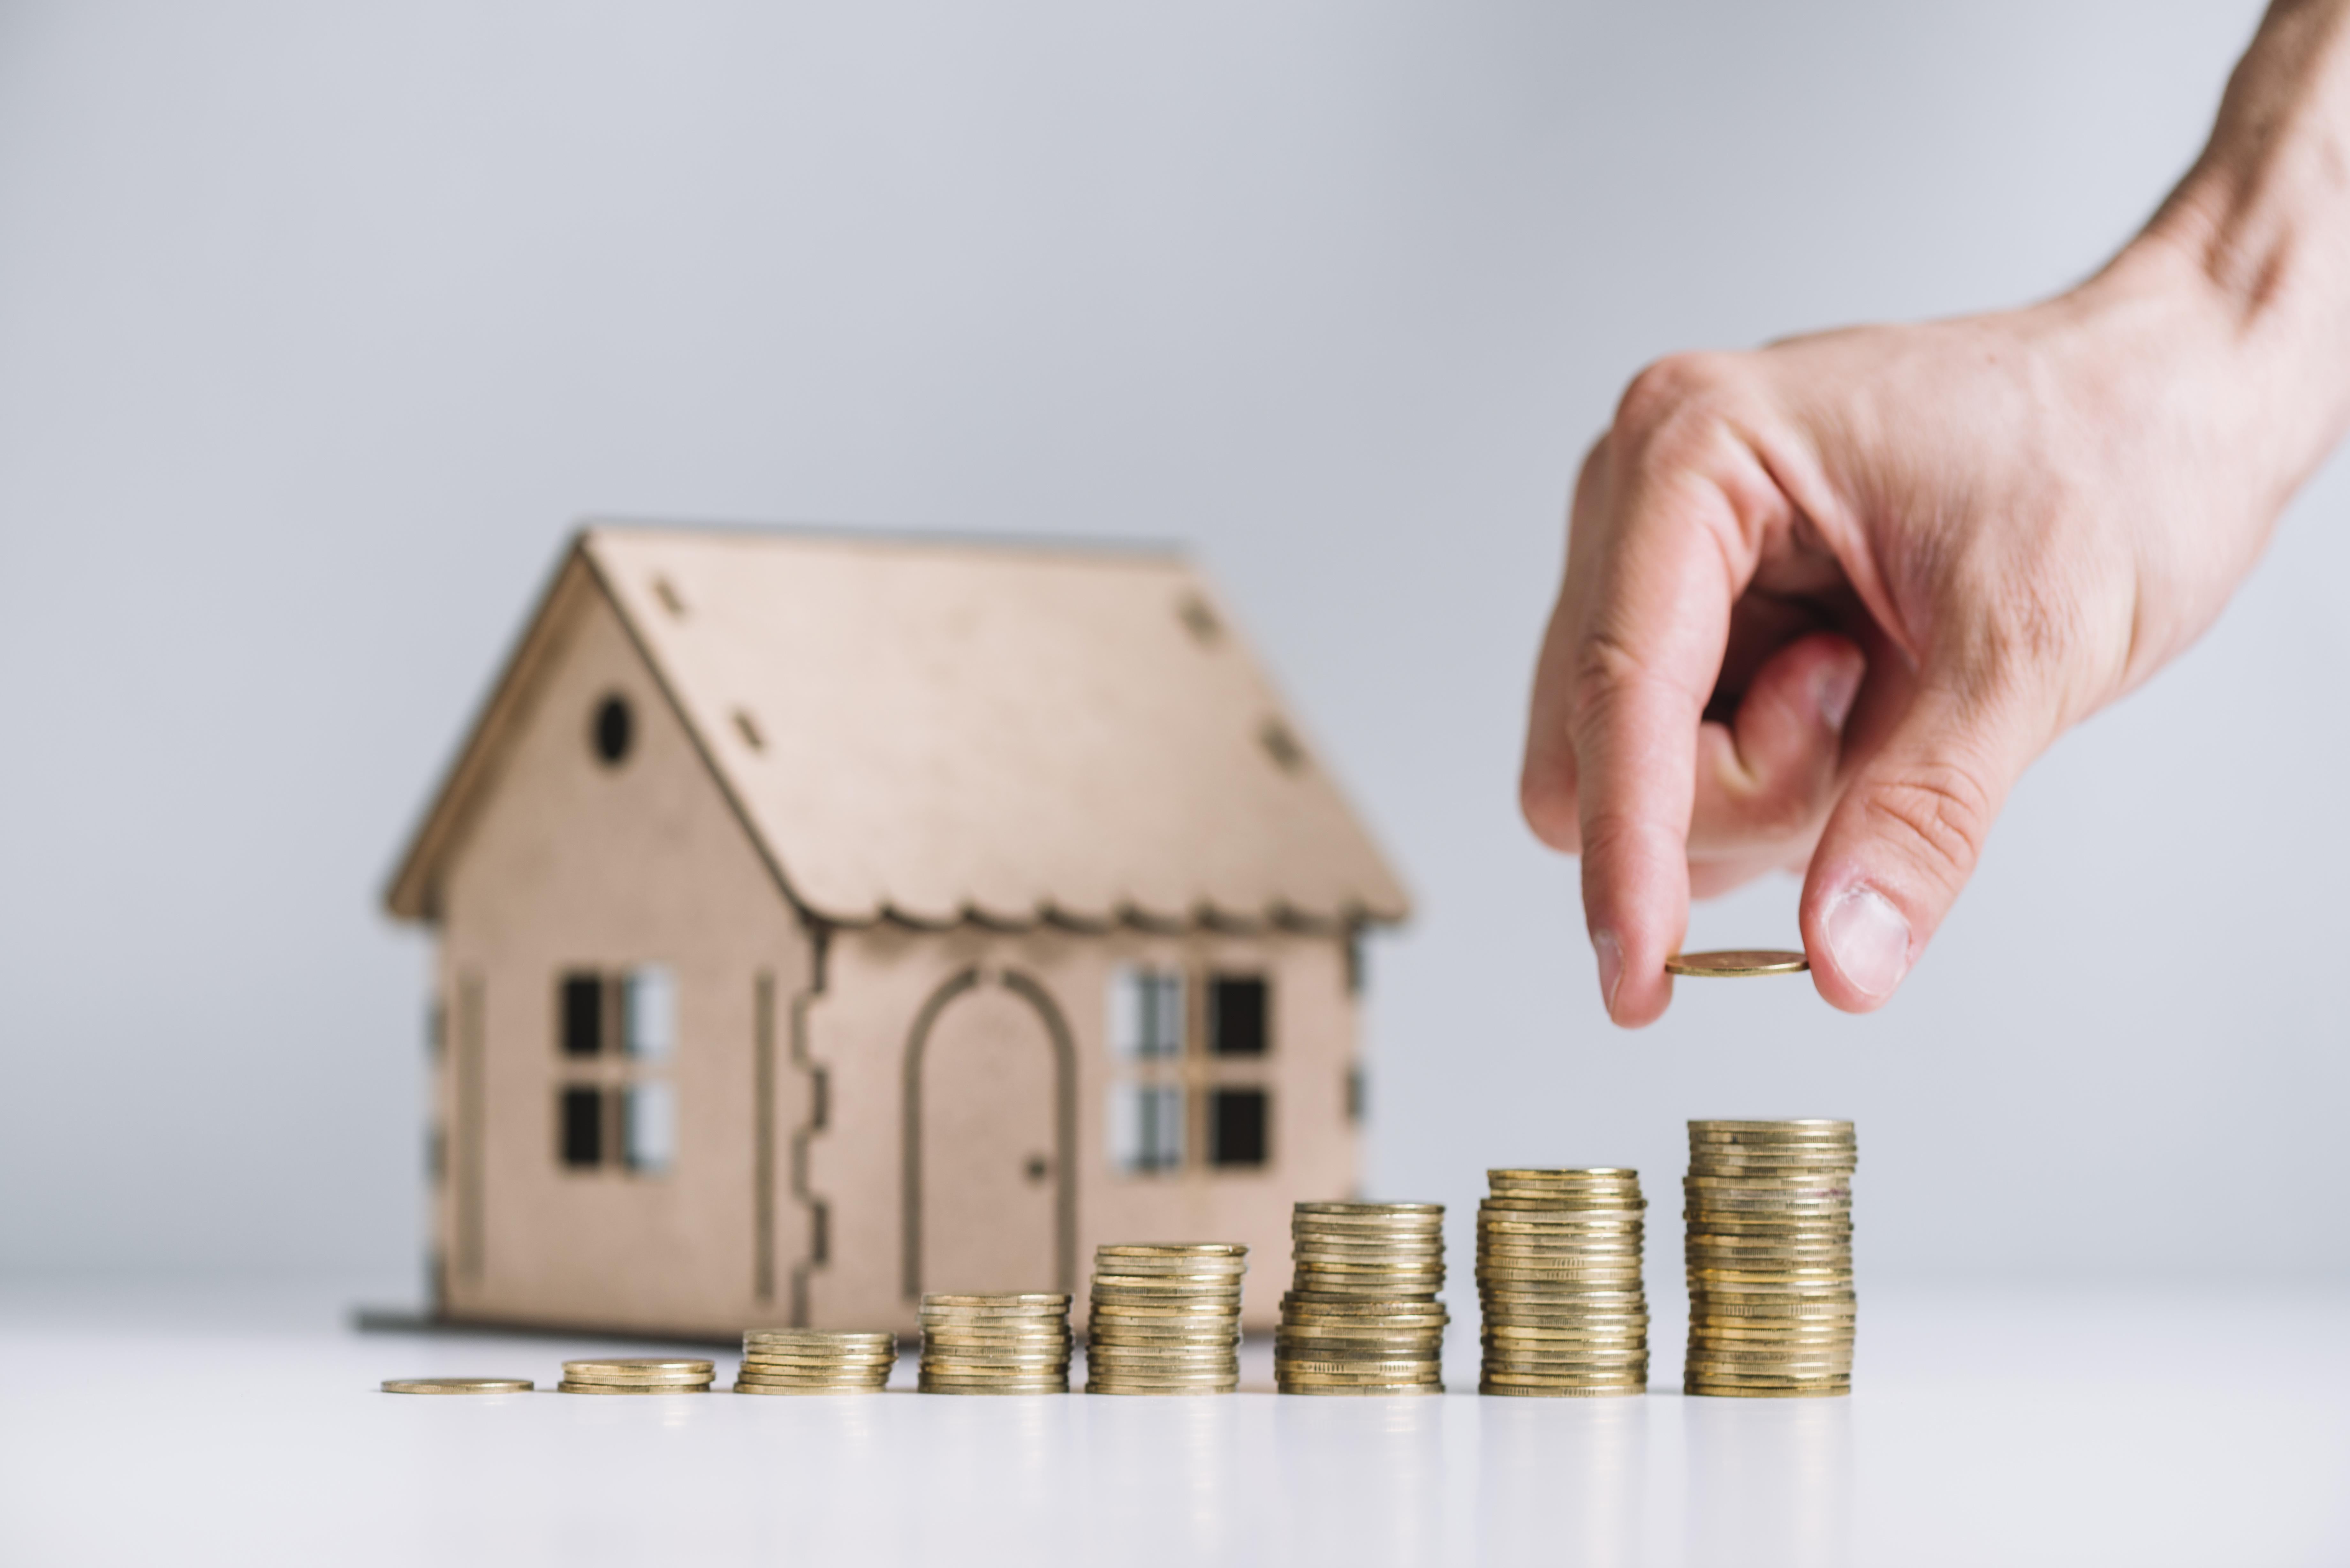 строительство домов в счет квартиры